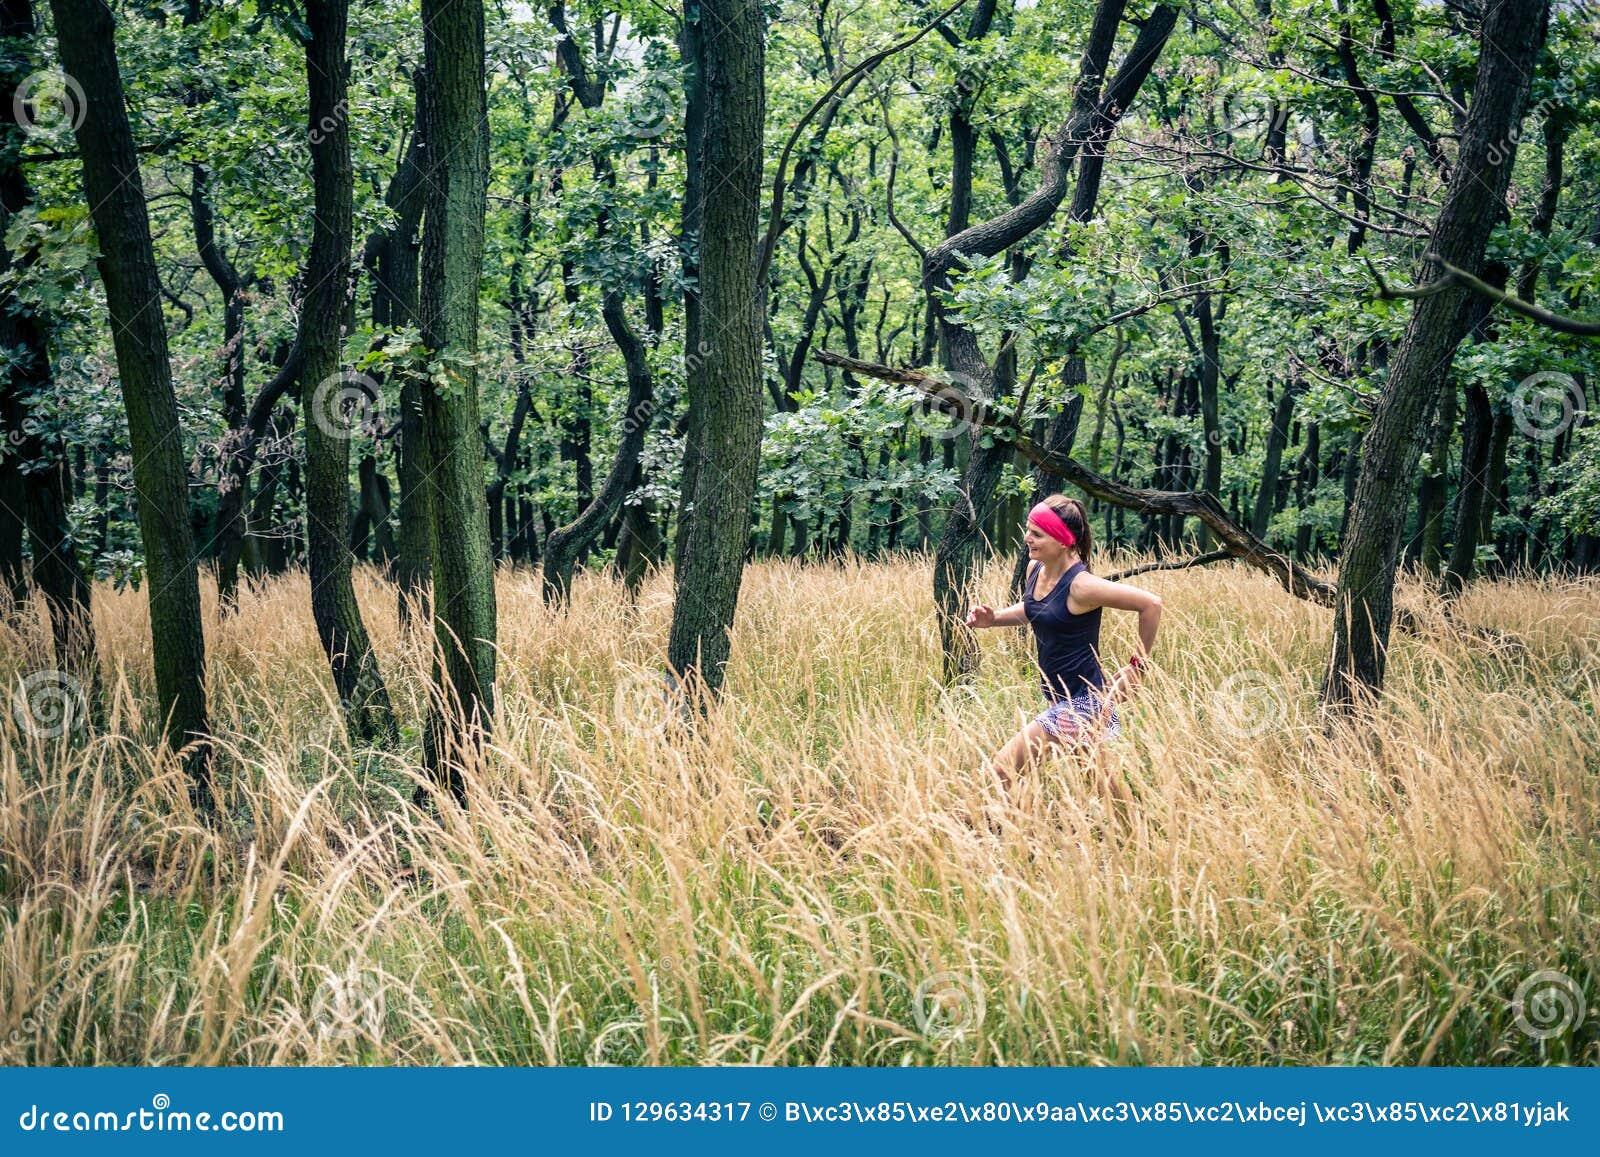 Rastro que funciona con a la mujer atlética en el bosque verde, inspiración de los deportes